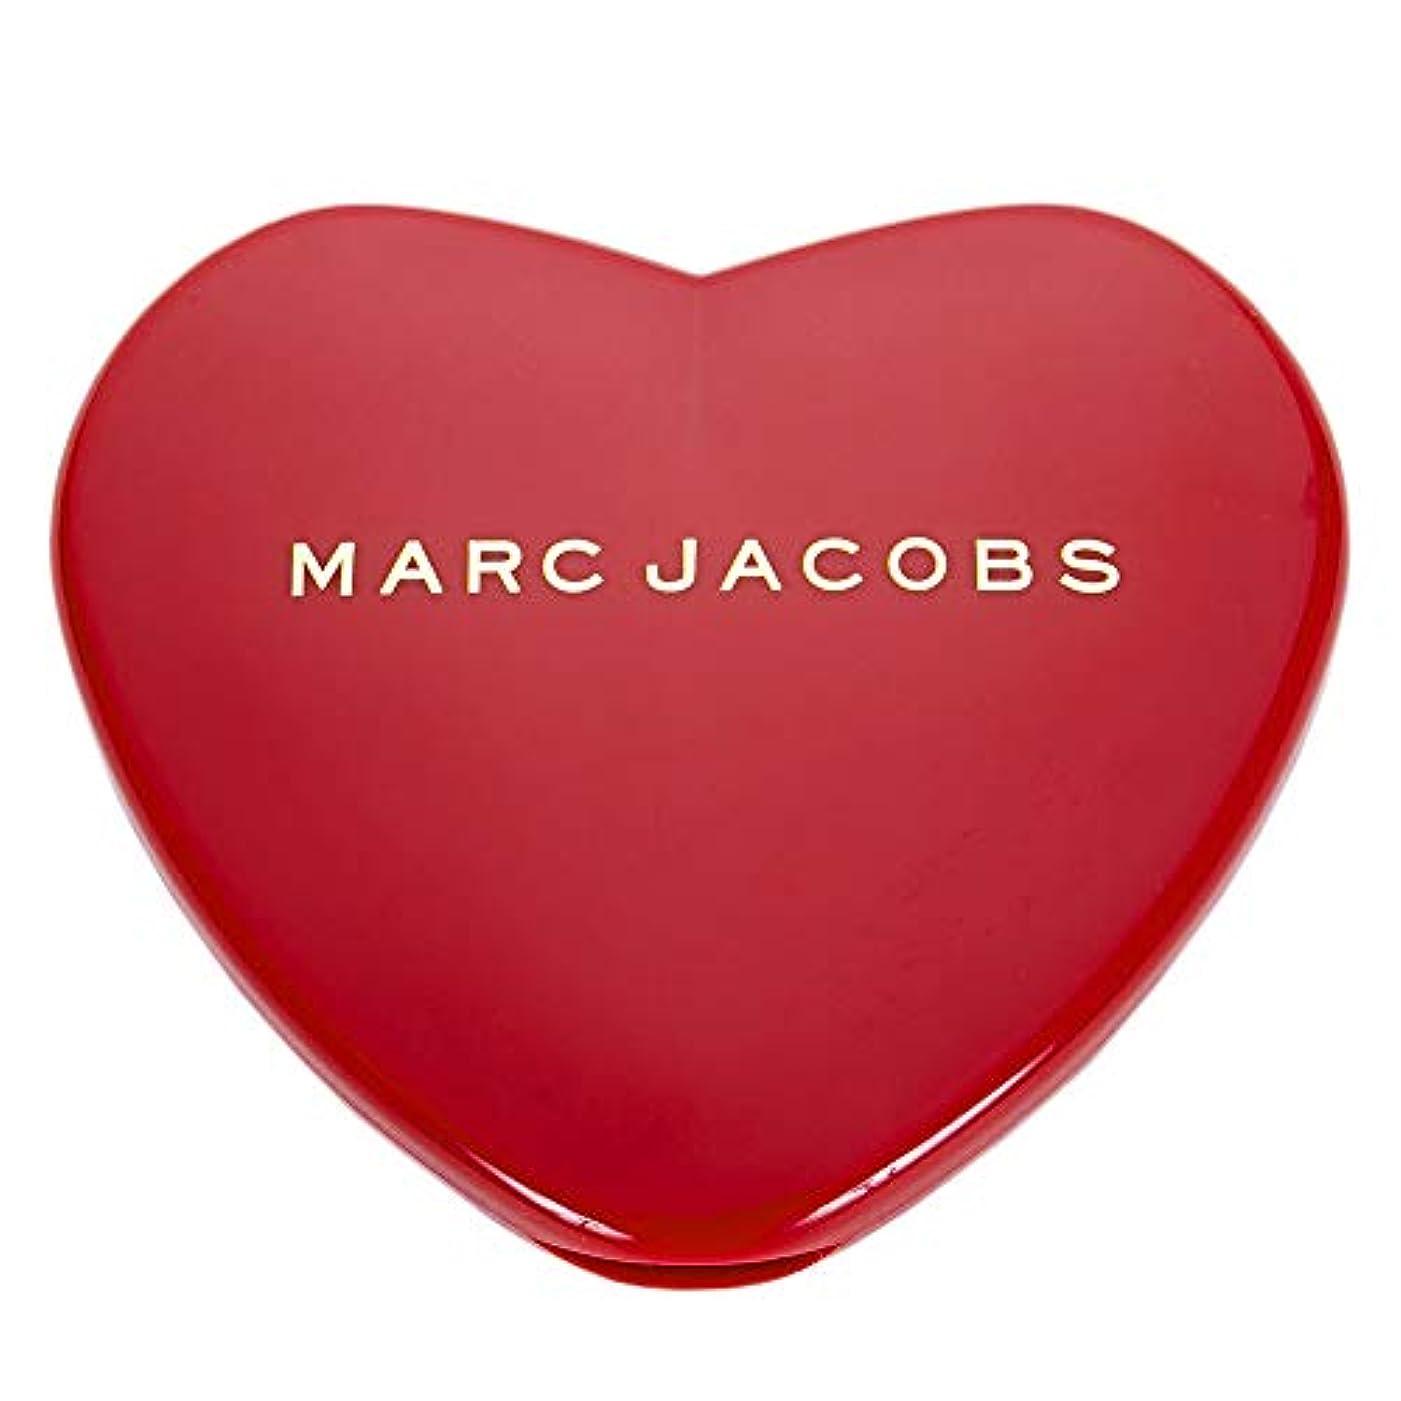 にんじんエアコン柔和[名入れ対応可] MARC JACOBS マークジェイコブス ハート コンパクトミラー コスメ 折りたたみ